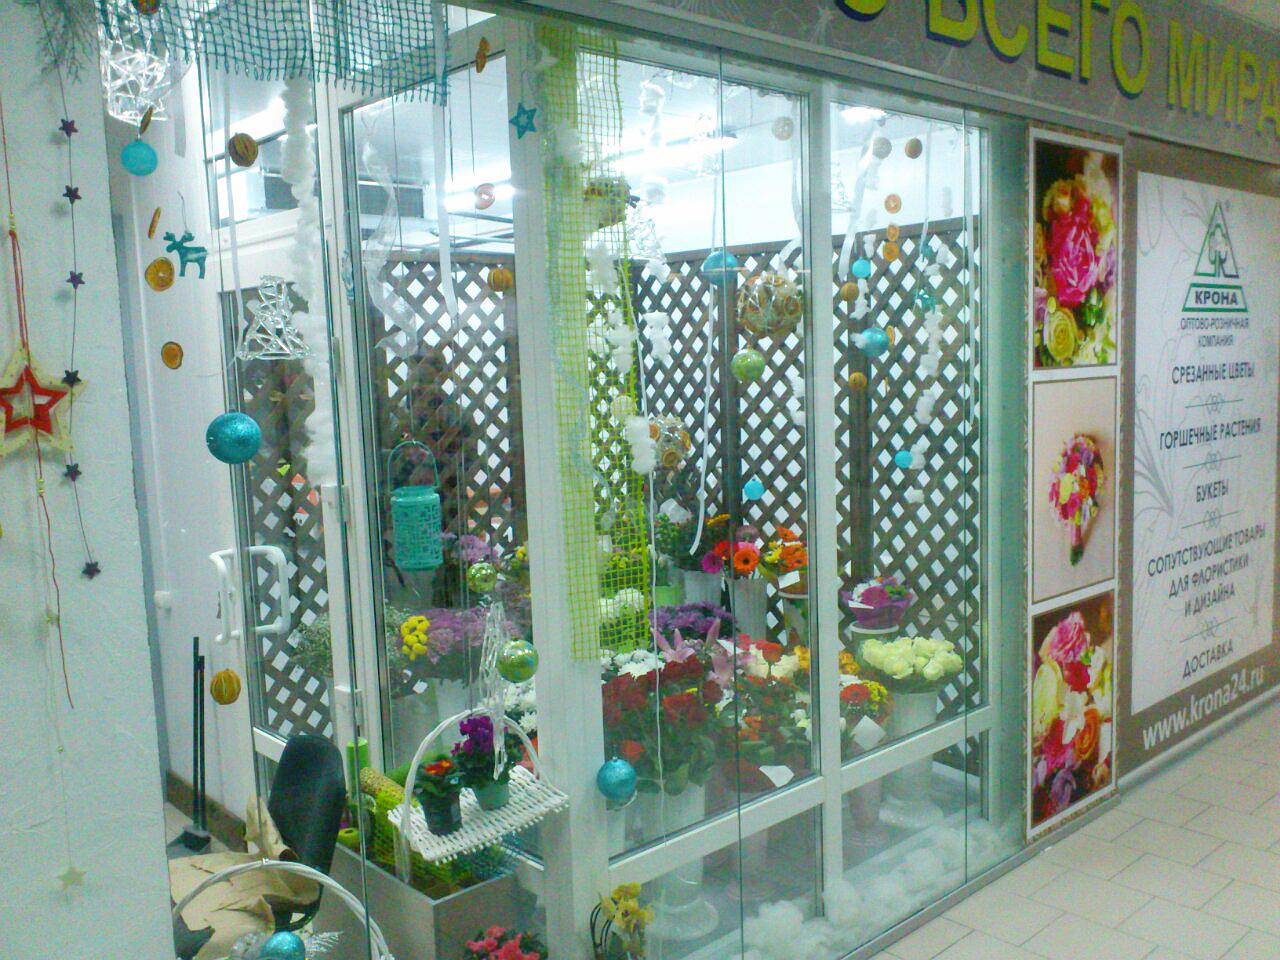 камера хранения цветочной продукции